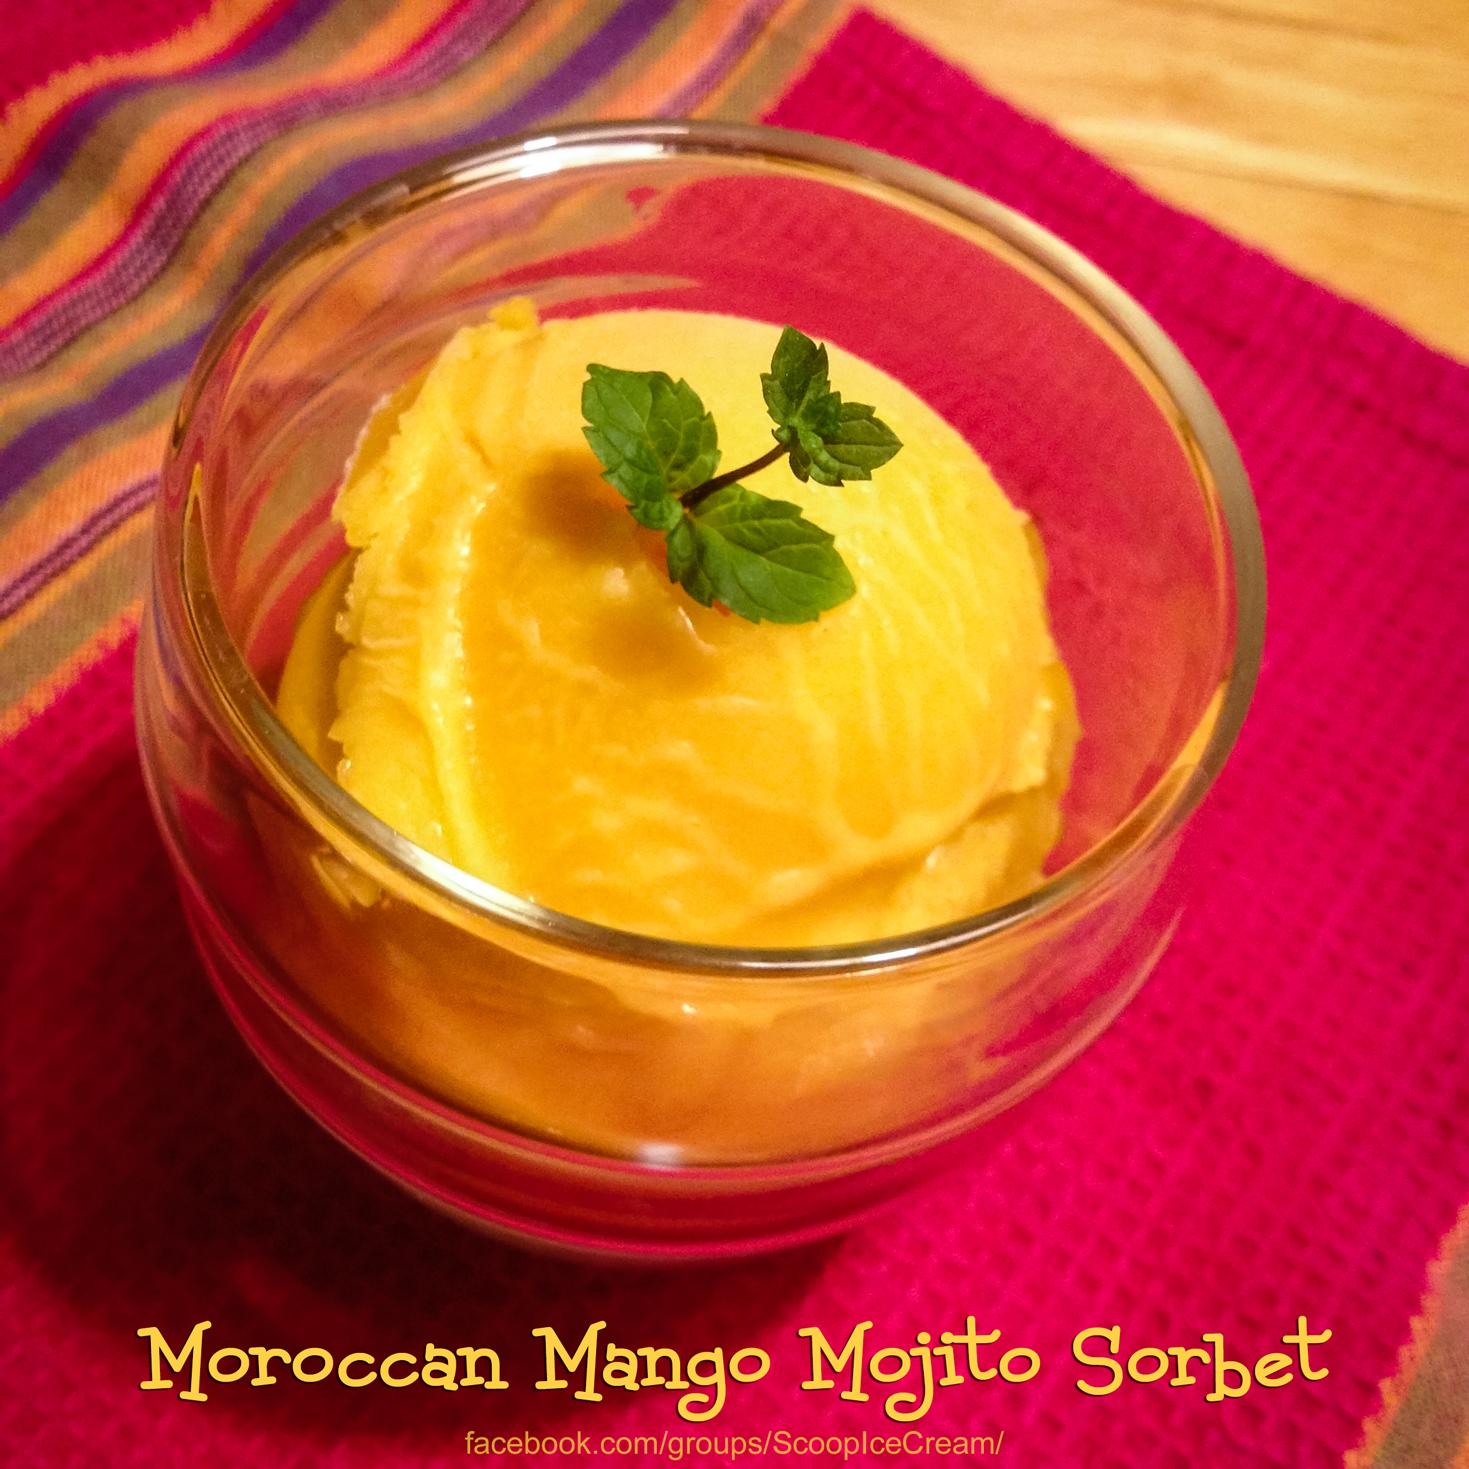 Moroccan Mango Mojito Sorbet